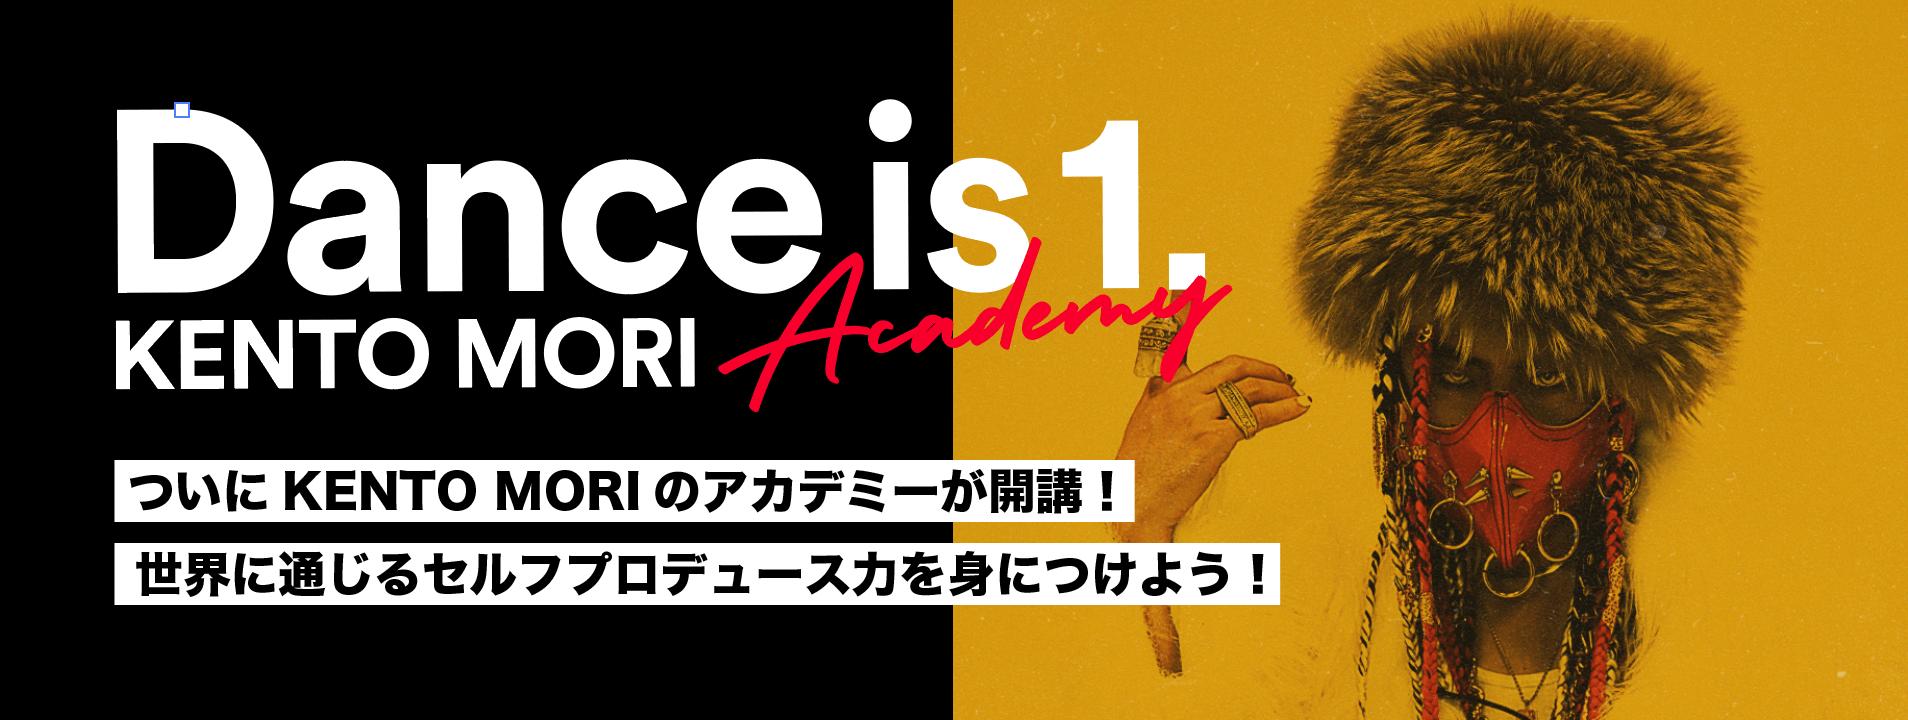 Dance is 1. KENTO MORI Academy